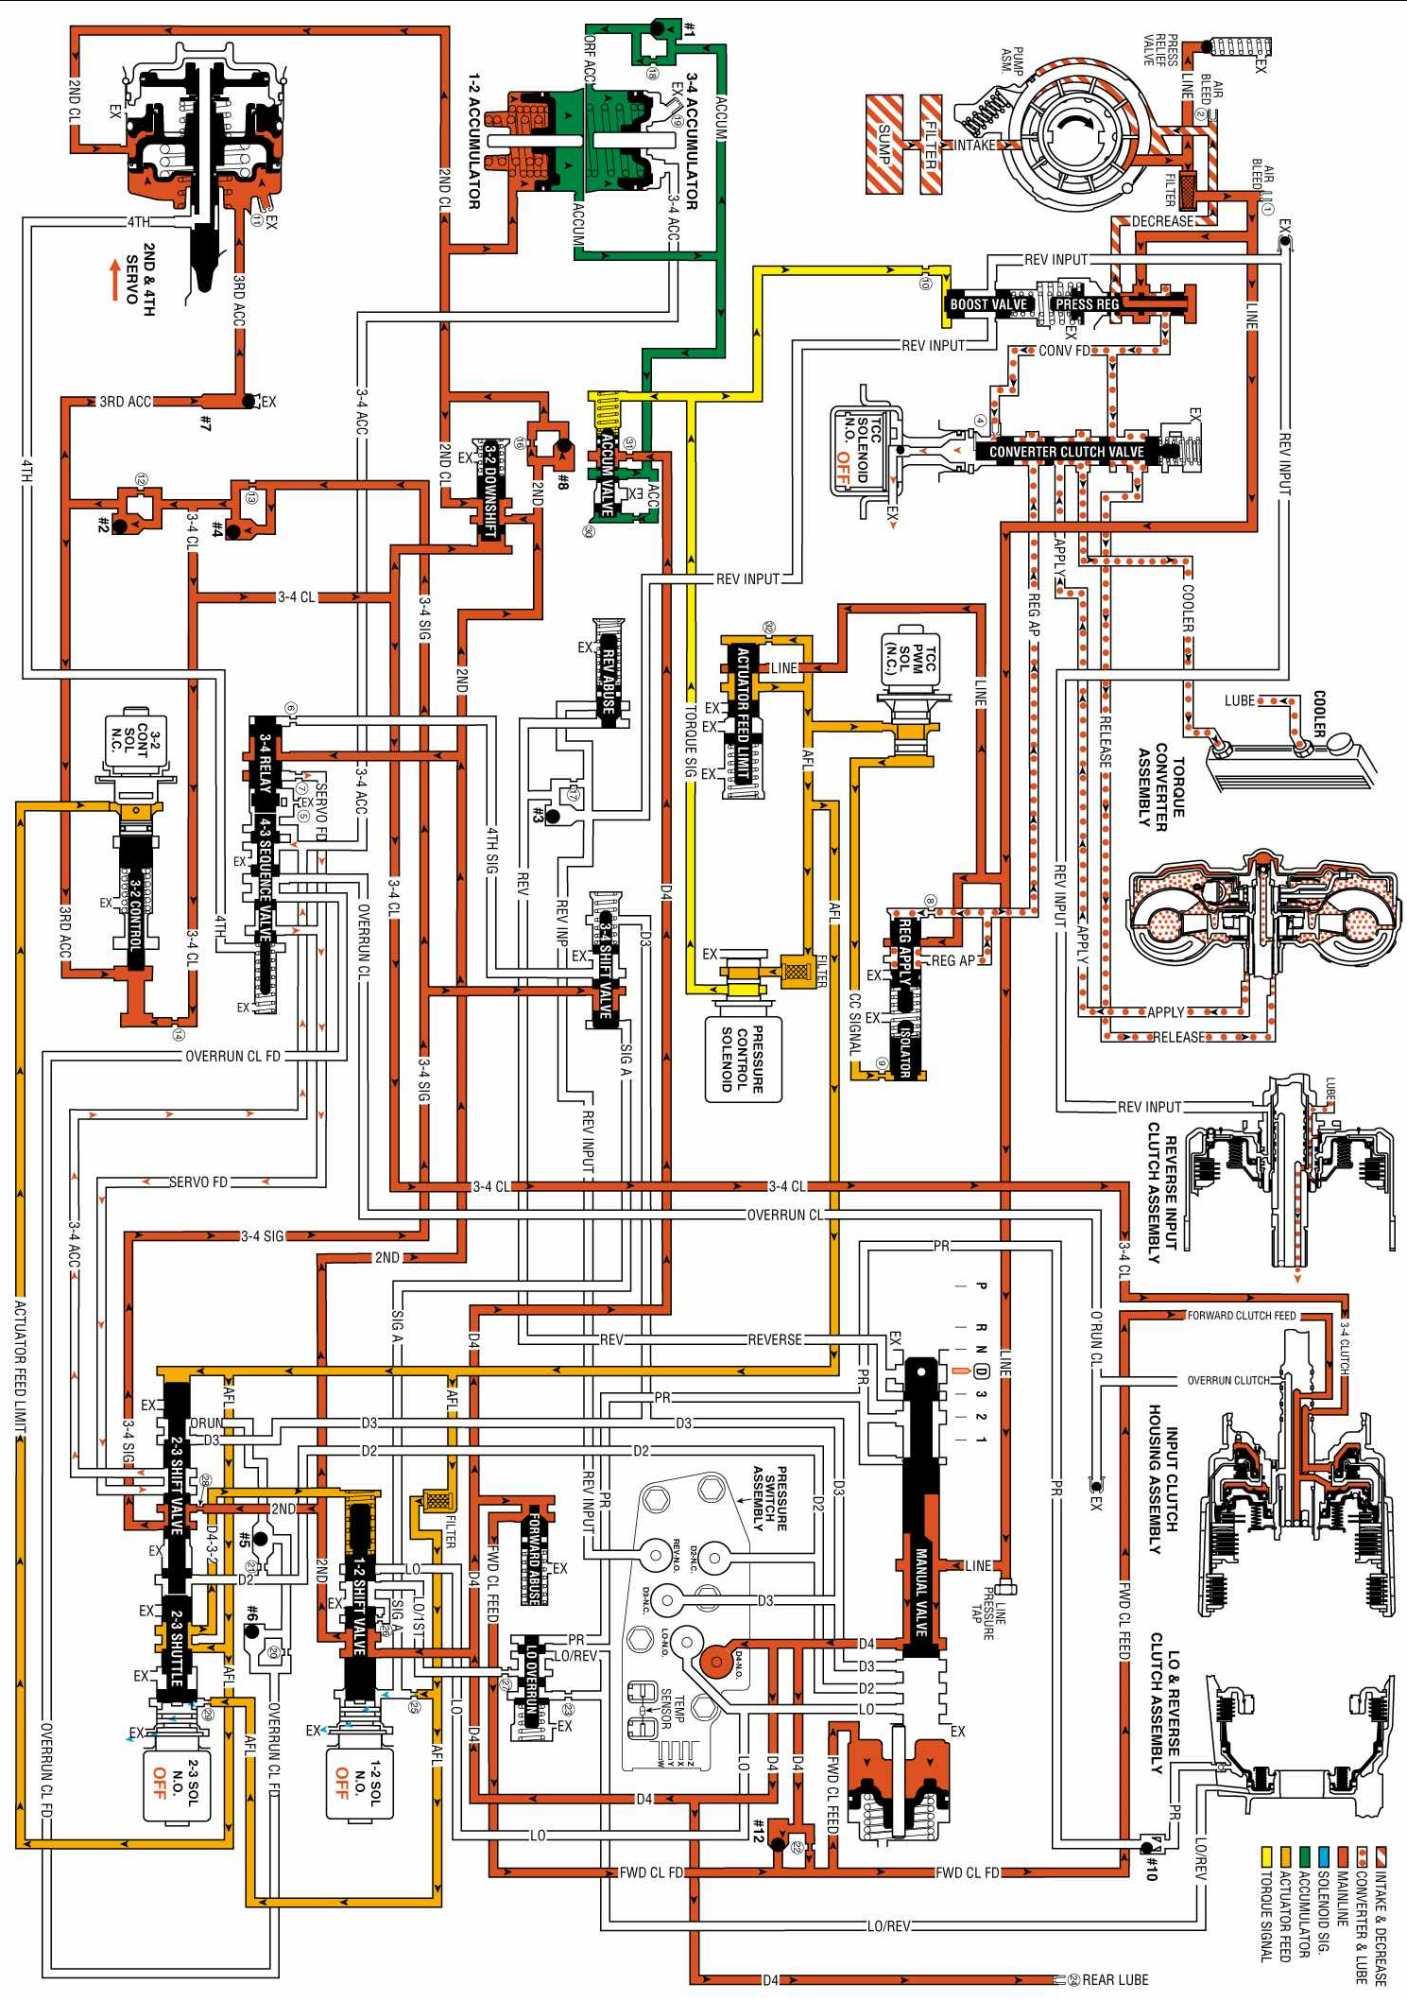 1990 K1500 700r4 Wiring Schematic. Gandul. 45.77.79.119 on 700r4 overdrive wiring, 4x4 wiring diagram, muncie wiring diagram, lock up converter wiring diagram, speedo cable wiring diagram, 700r4 wiring a non-computer, a604 wiring diagram, t56 wiring diagram, a/c wiring diagram, 4r70w wiring diagram, chevy wiring diagram, turbo 400 wiring diagram, ecm wiring diagram, nv4500 wiring diagram, bowtie overdrives lock up wiring diagram, 200r4 wiring diagram, th400 wiring diagram, home wiring diagram, 4l80e wiring diagram, speedometer wiring diagram,